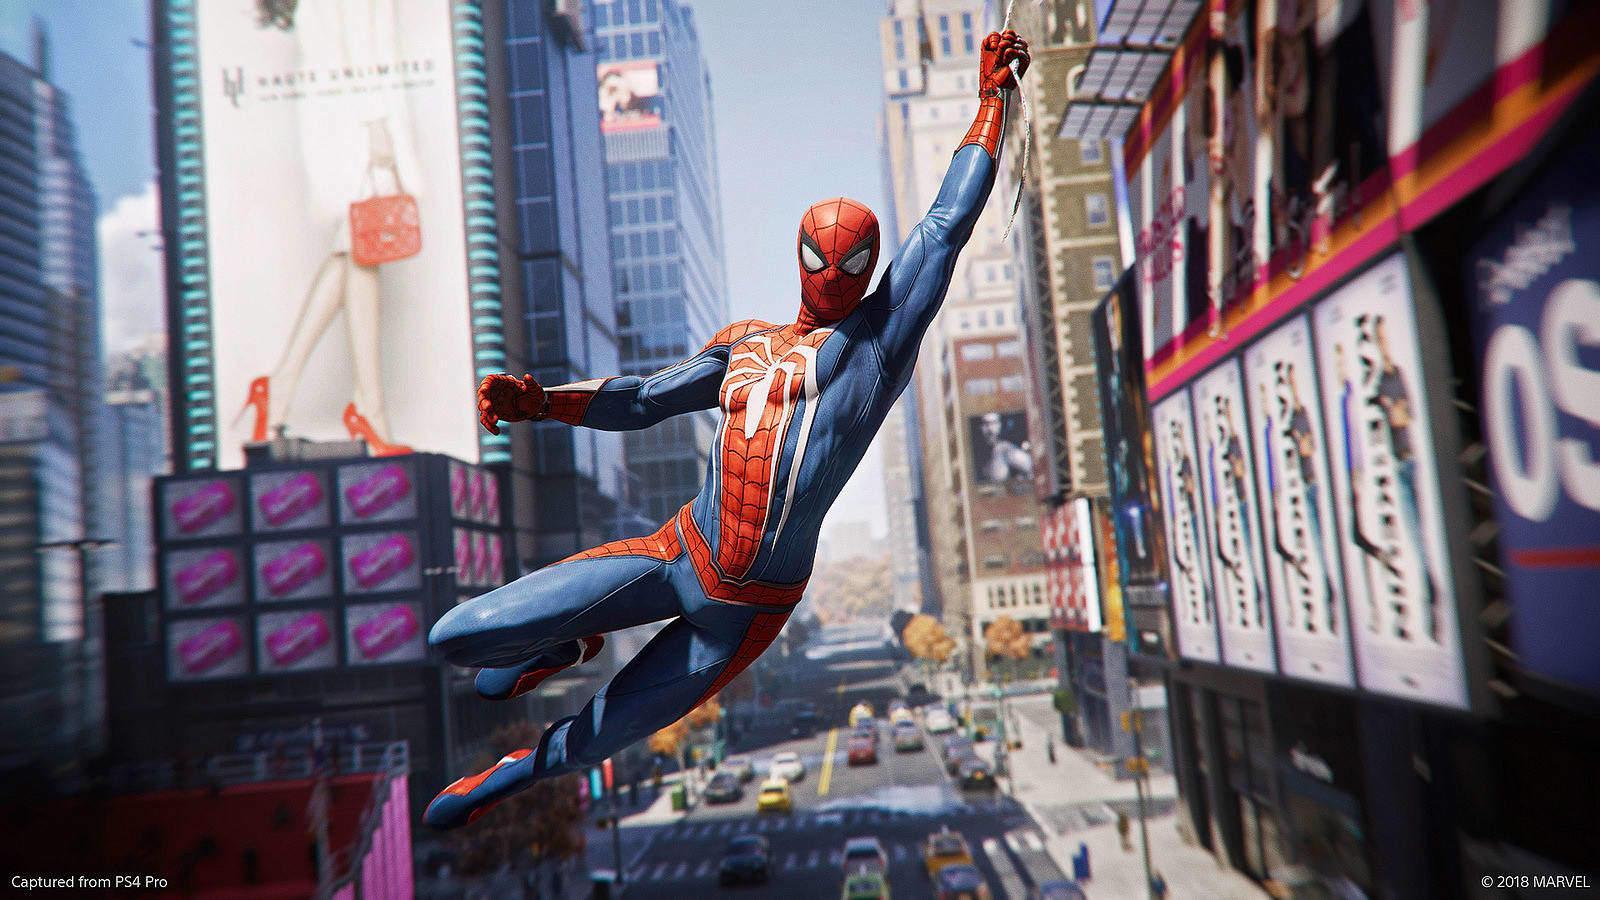 Vi synes ikke dette forhåndsrendrede bildet gir et presist bilde av grafikken i nye Spider-Man, men du får i alle fall et inntrykk av hvordan han slynger seg mellom bygningene.